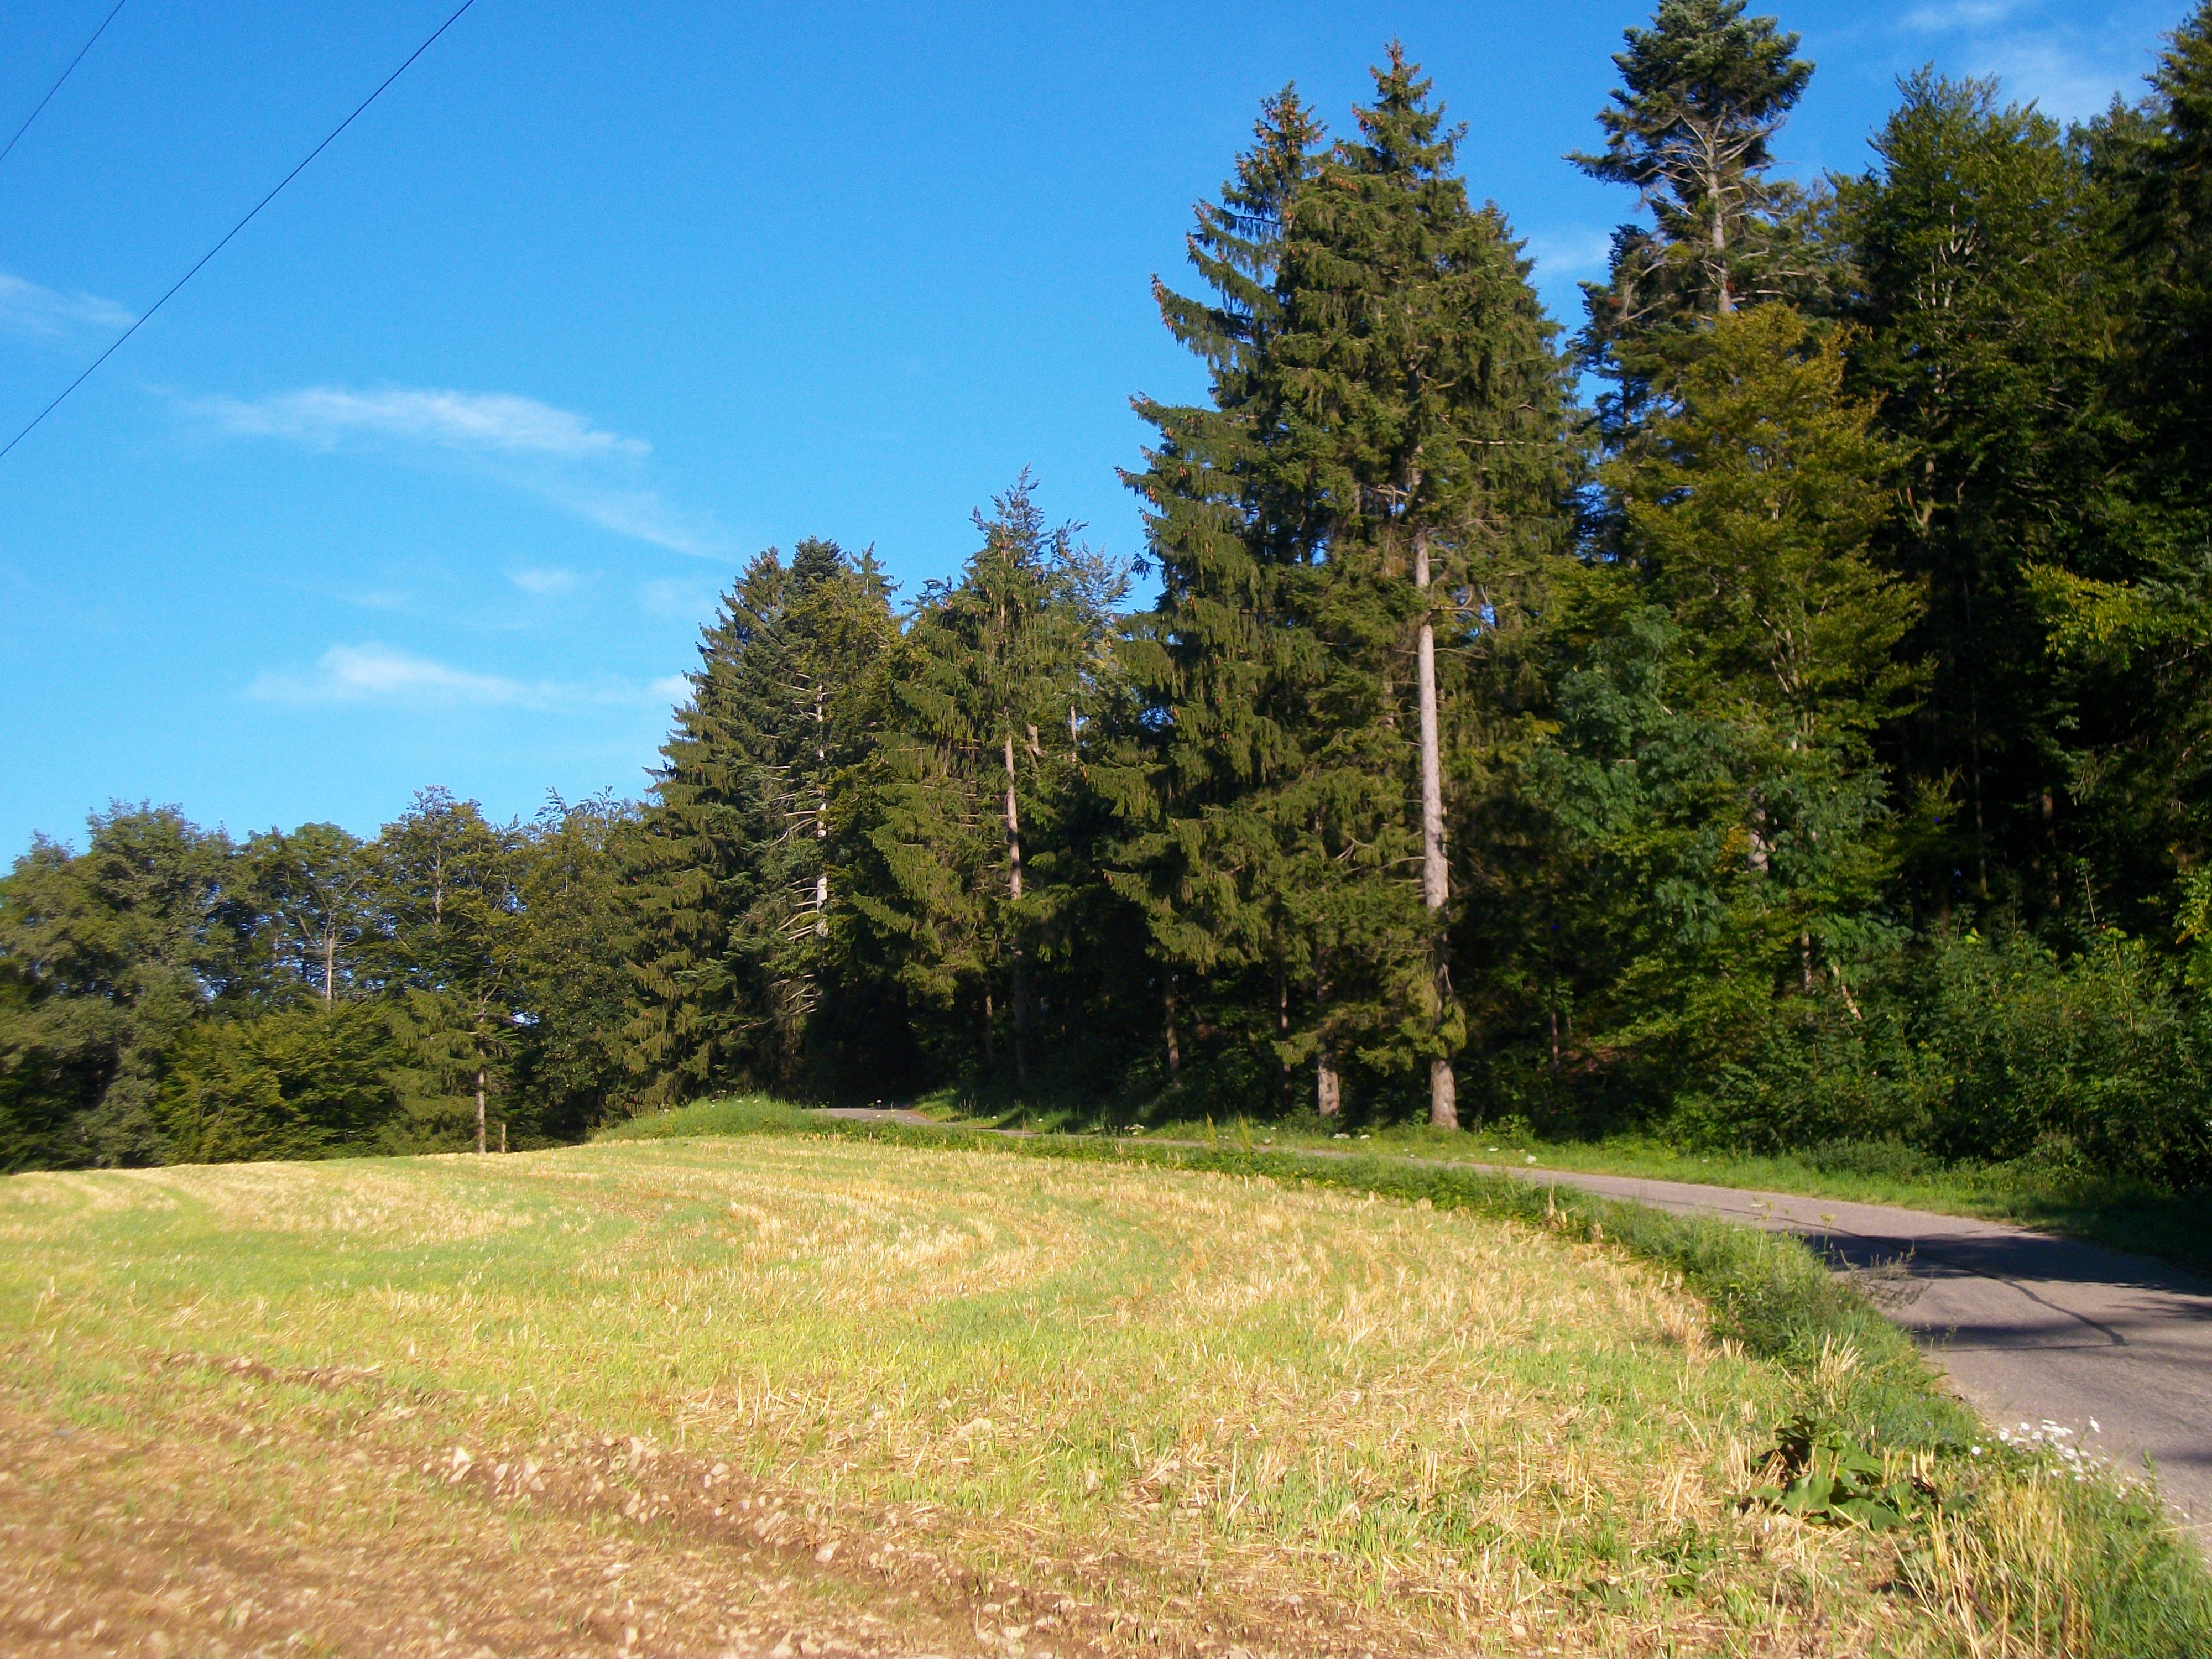 Landschaft am Wegesrand